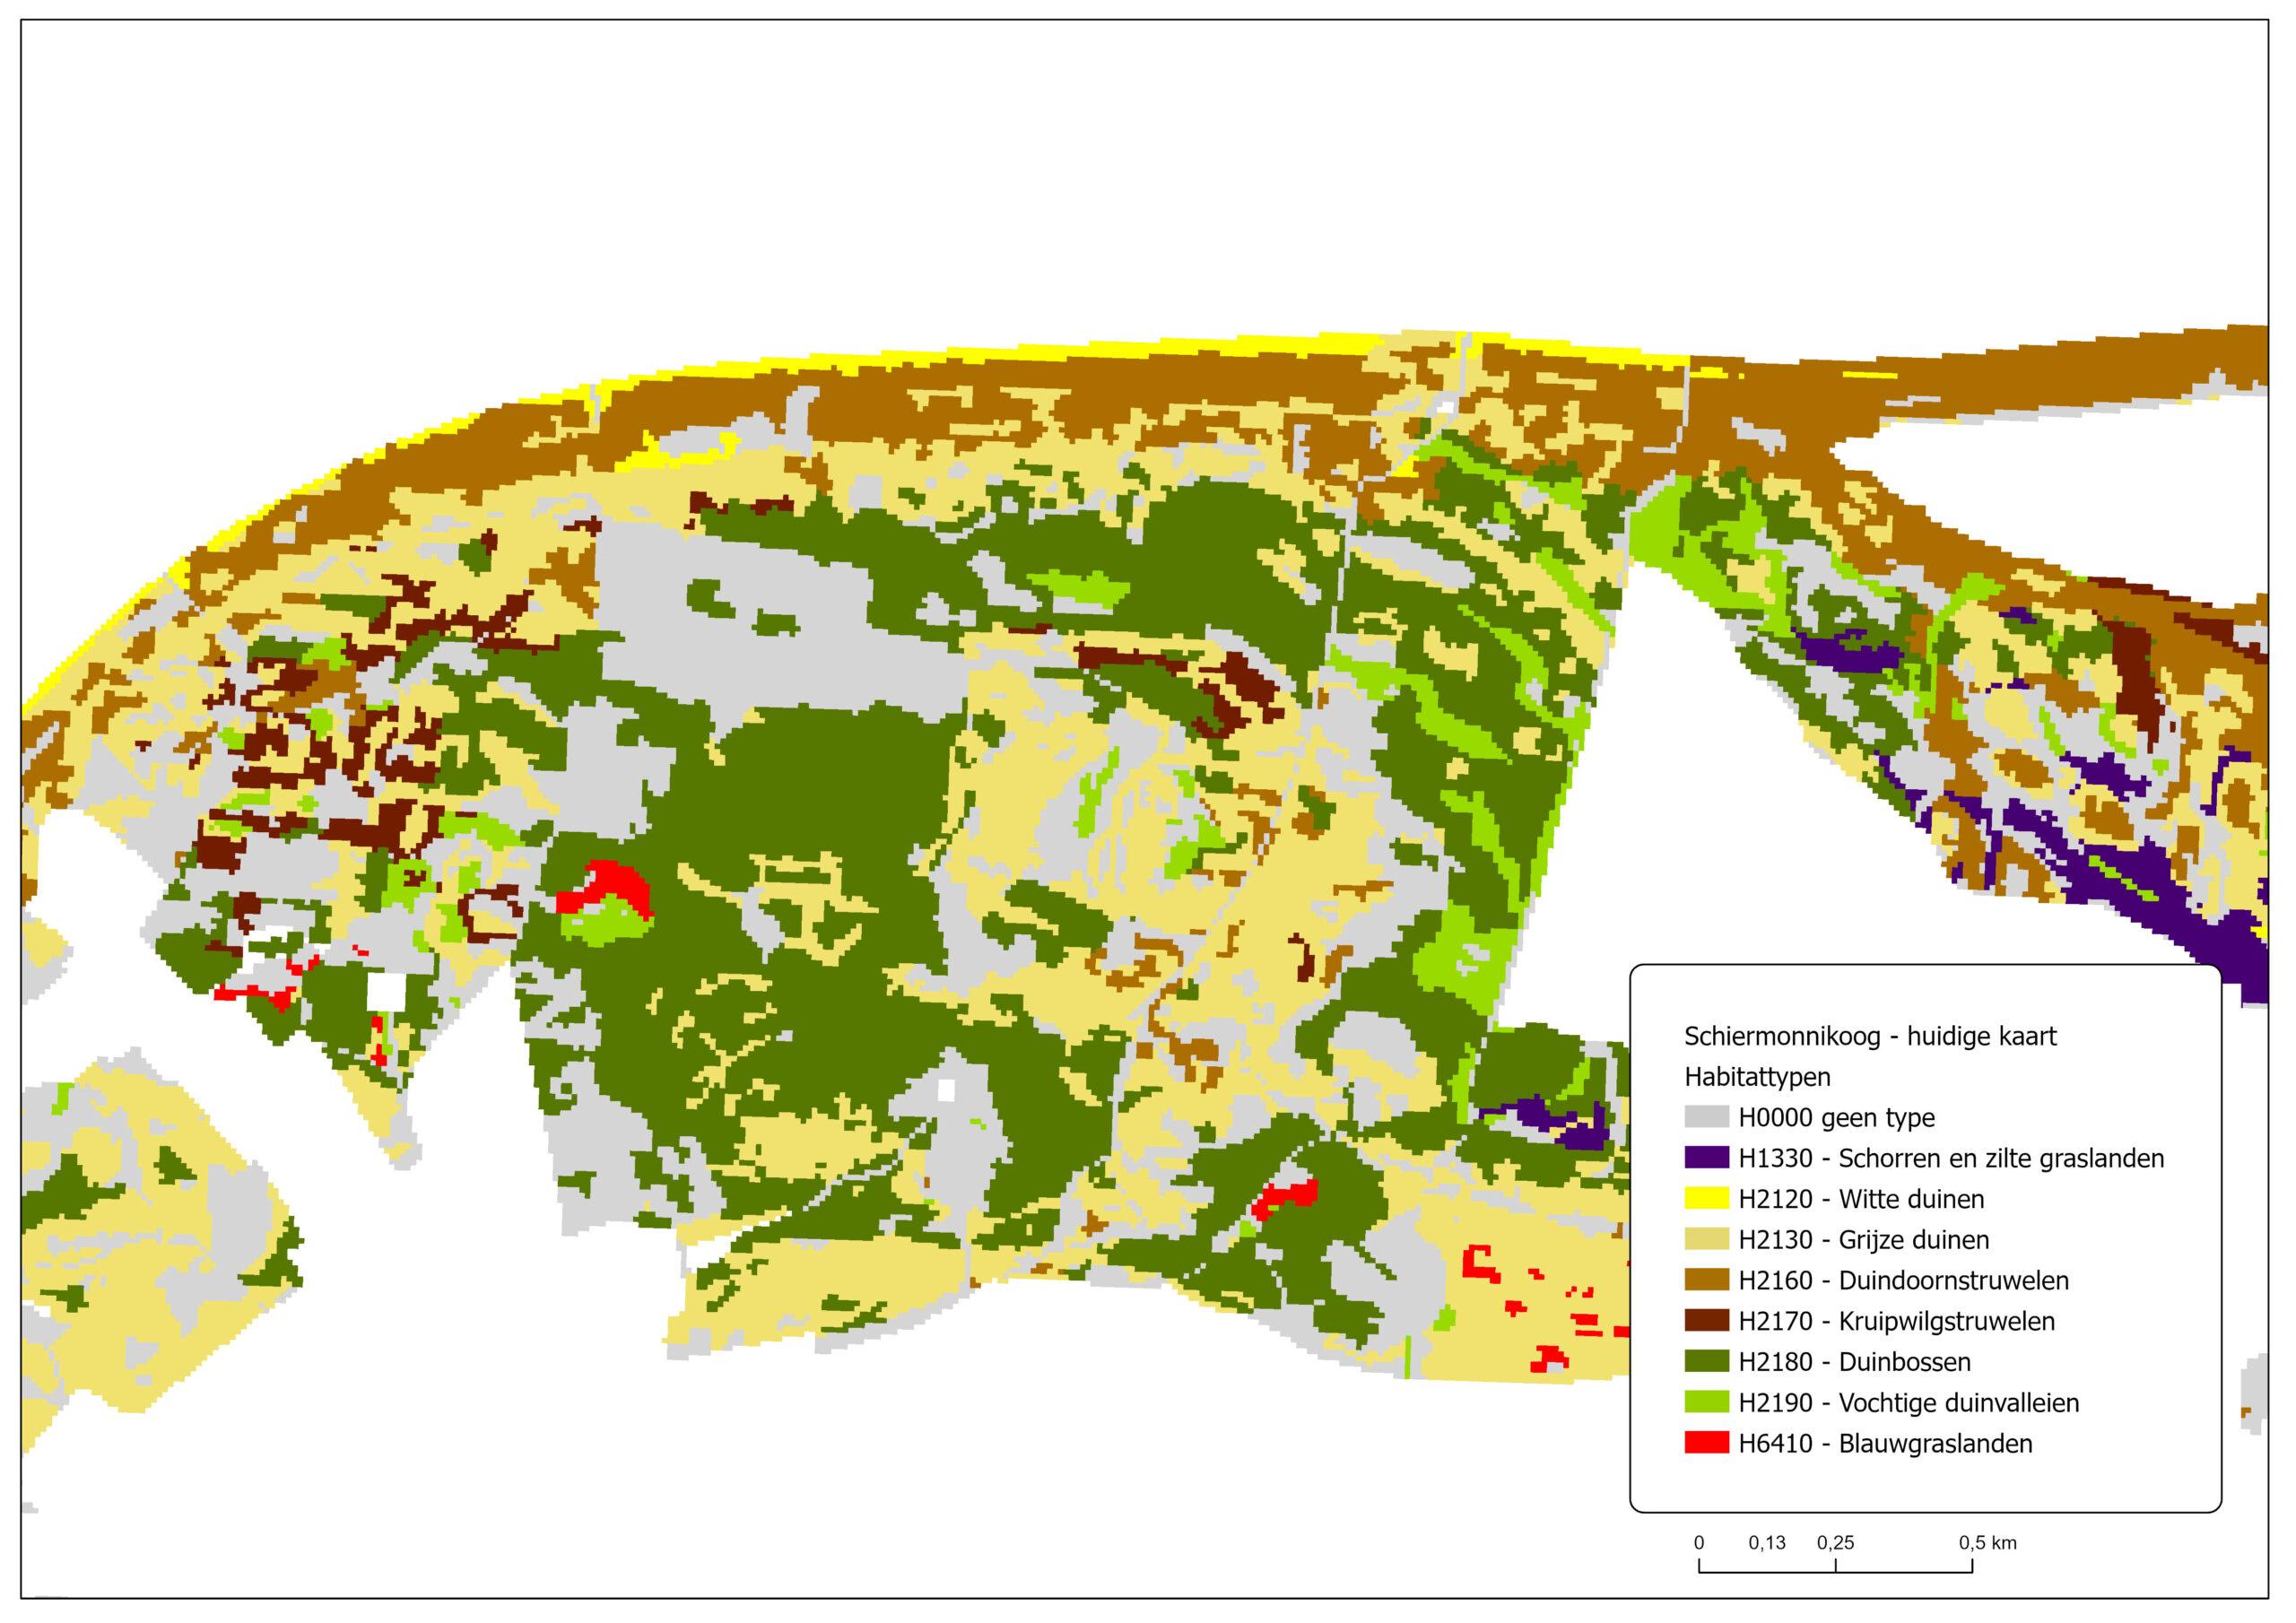 Schiermonnikoog is habitatkaart van 2015/2017